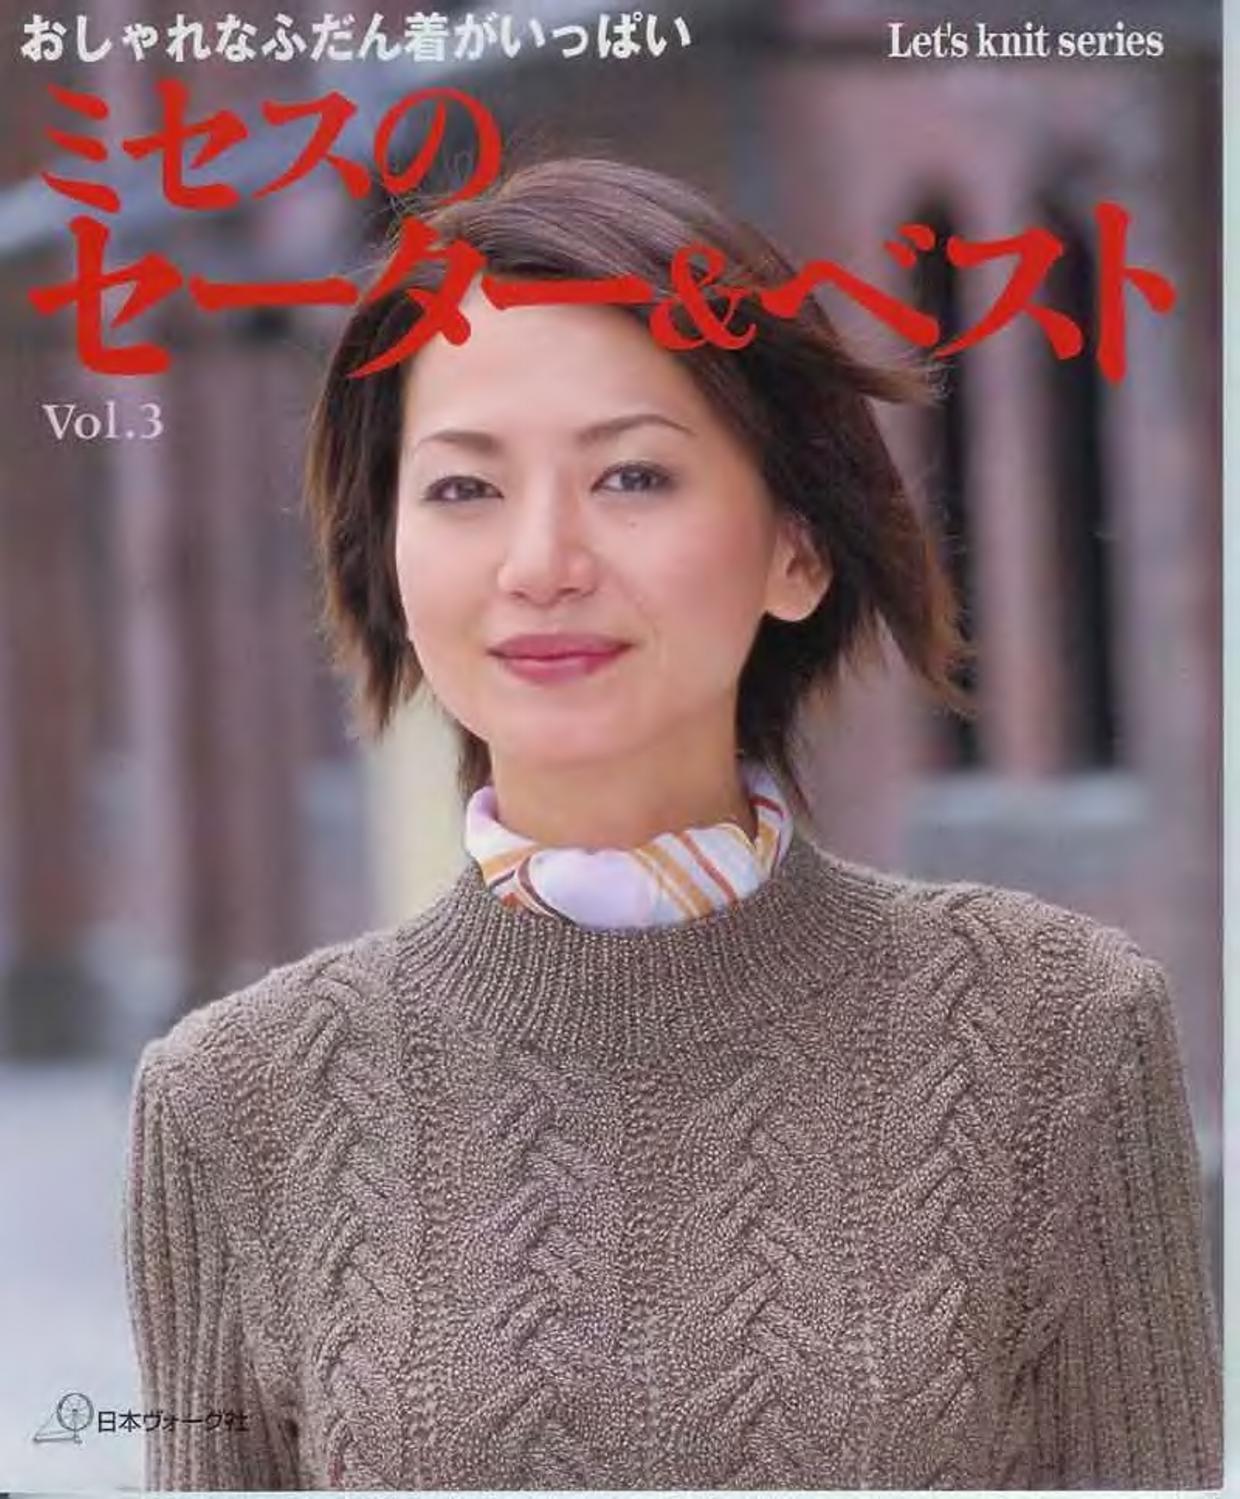 Японские узоры спицами - запись пользователя marana(Наташа) (Наталья) 37